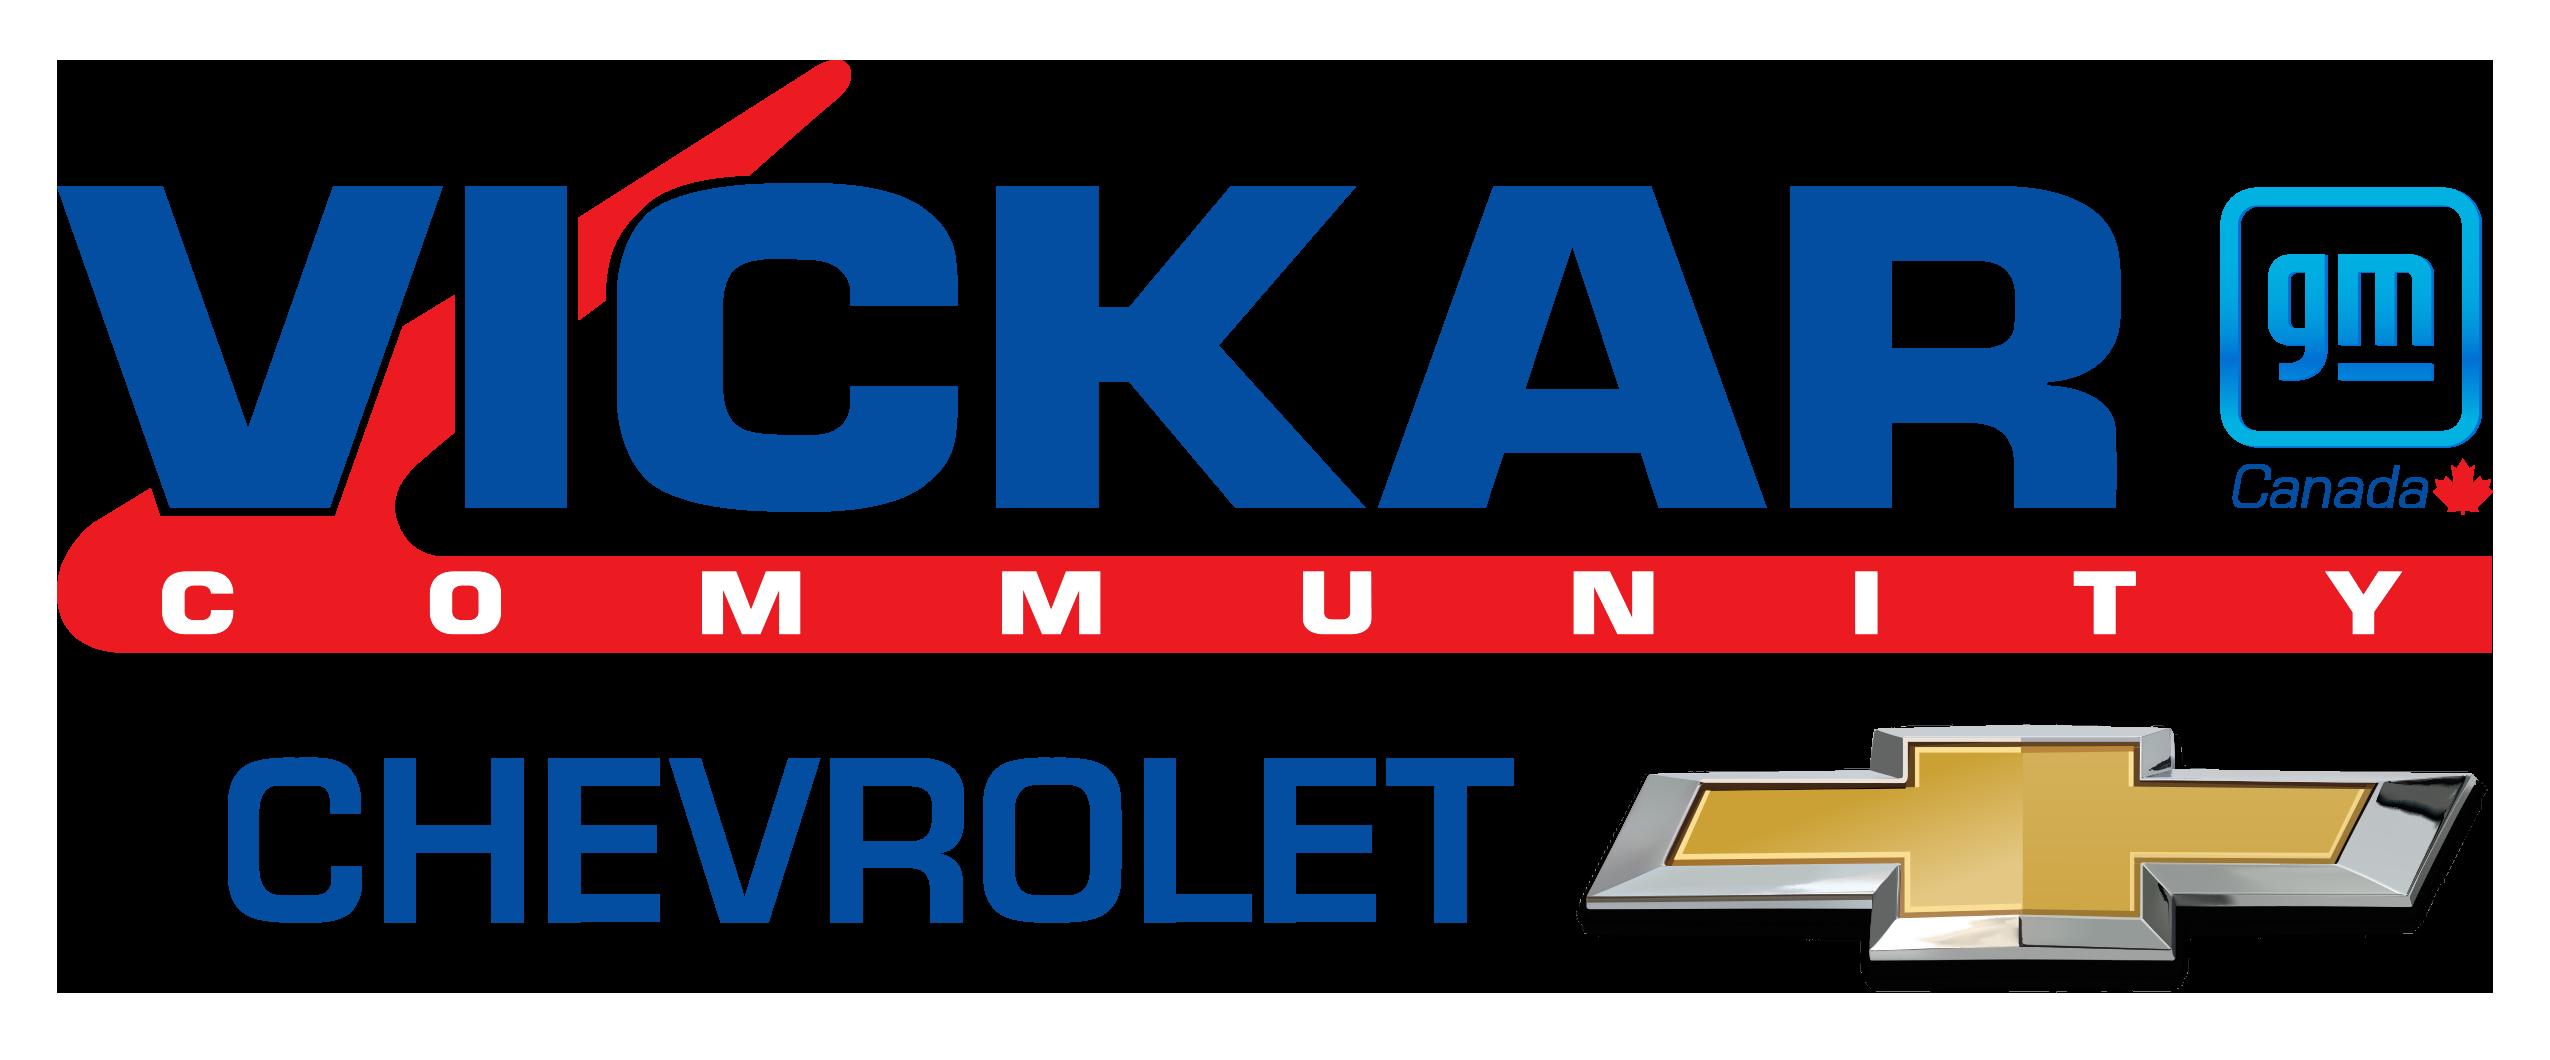 Vickar Chevrolet Logo